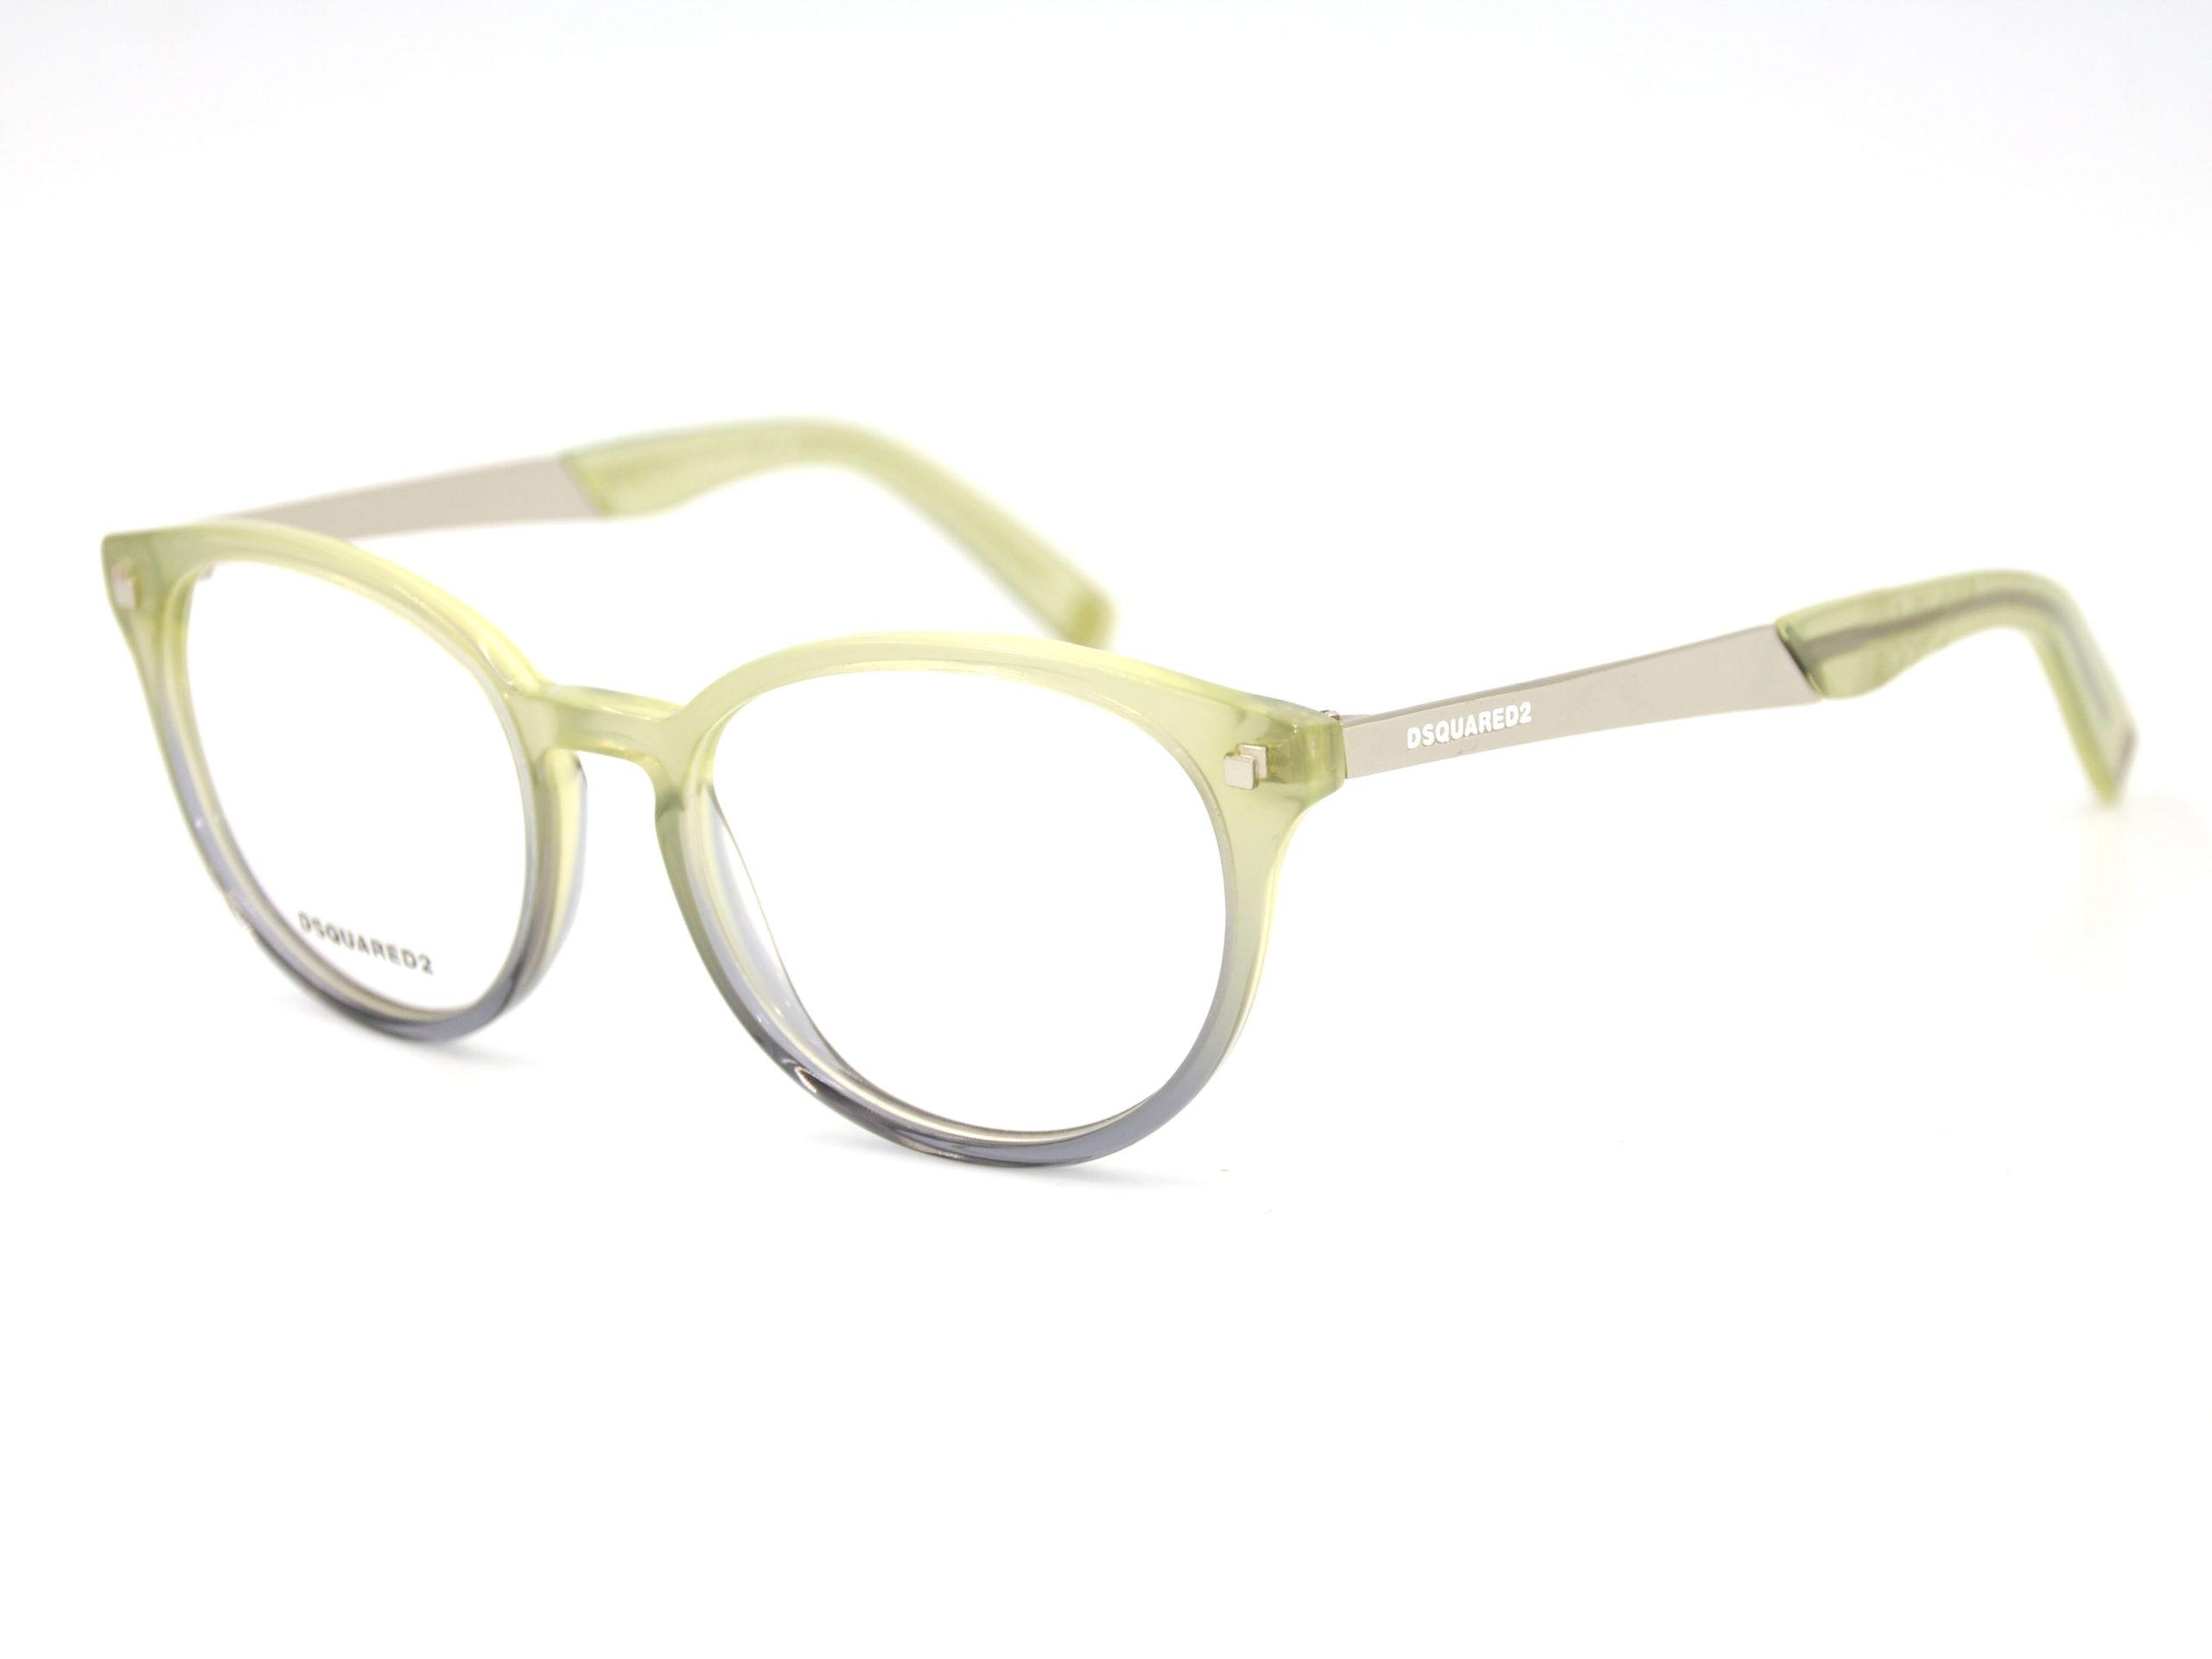 DSQUARED2 FRANKFURT DQ5182 C.093 Prescription Glasses 2018